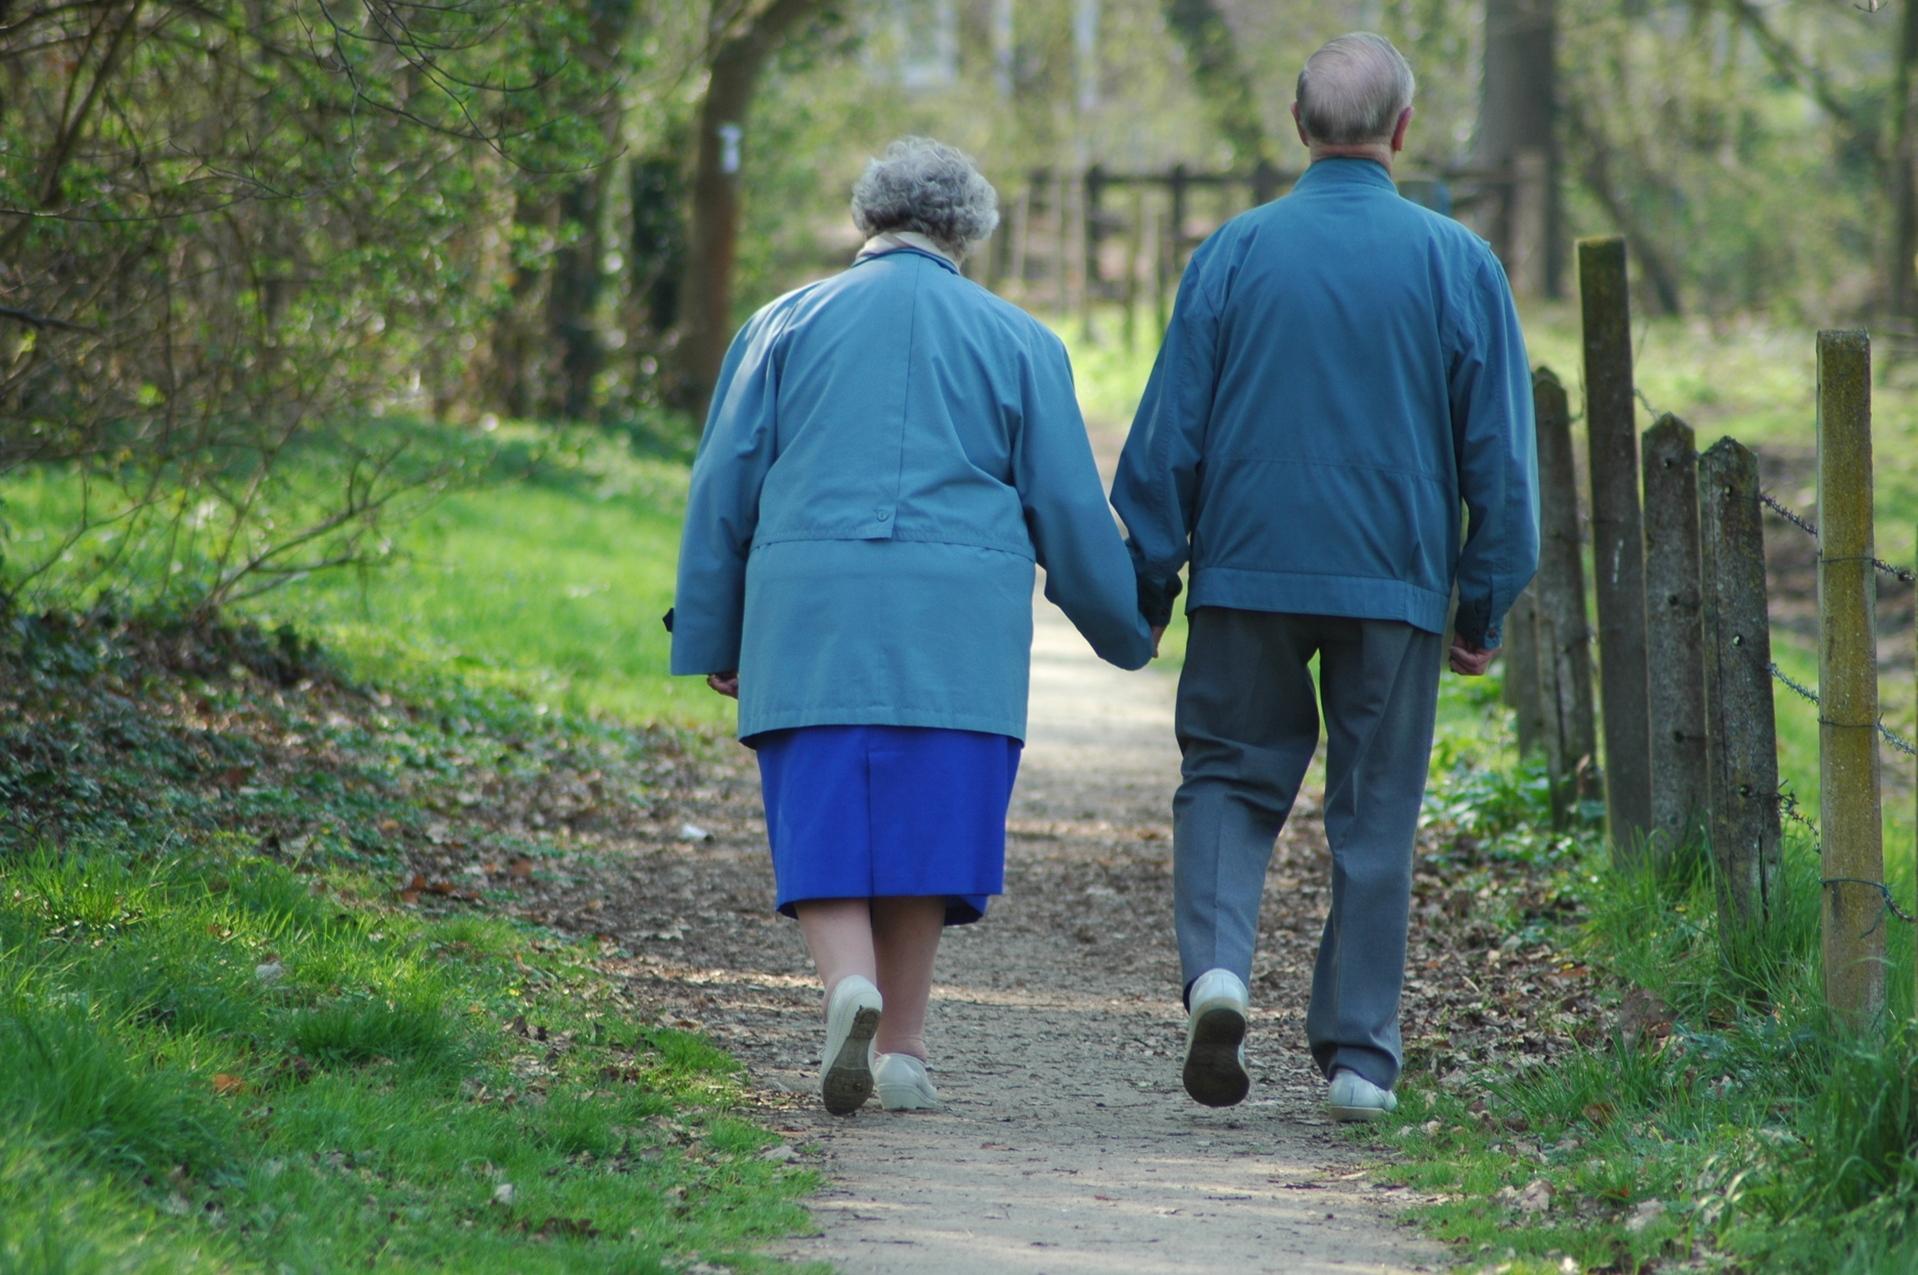 Senior-OK moet einde maken aan misbruik van senioren